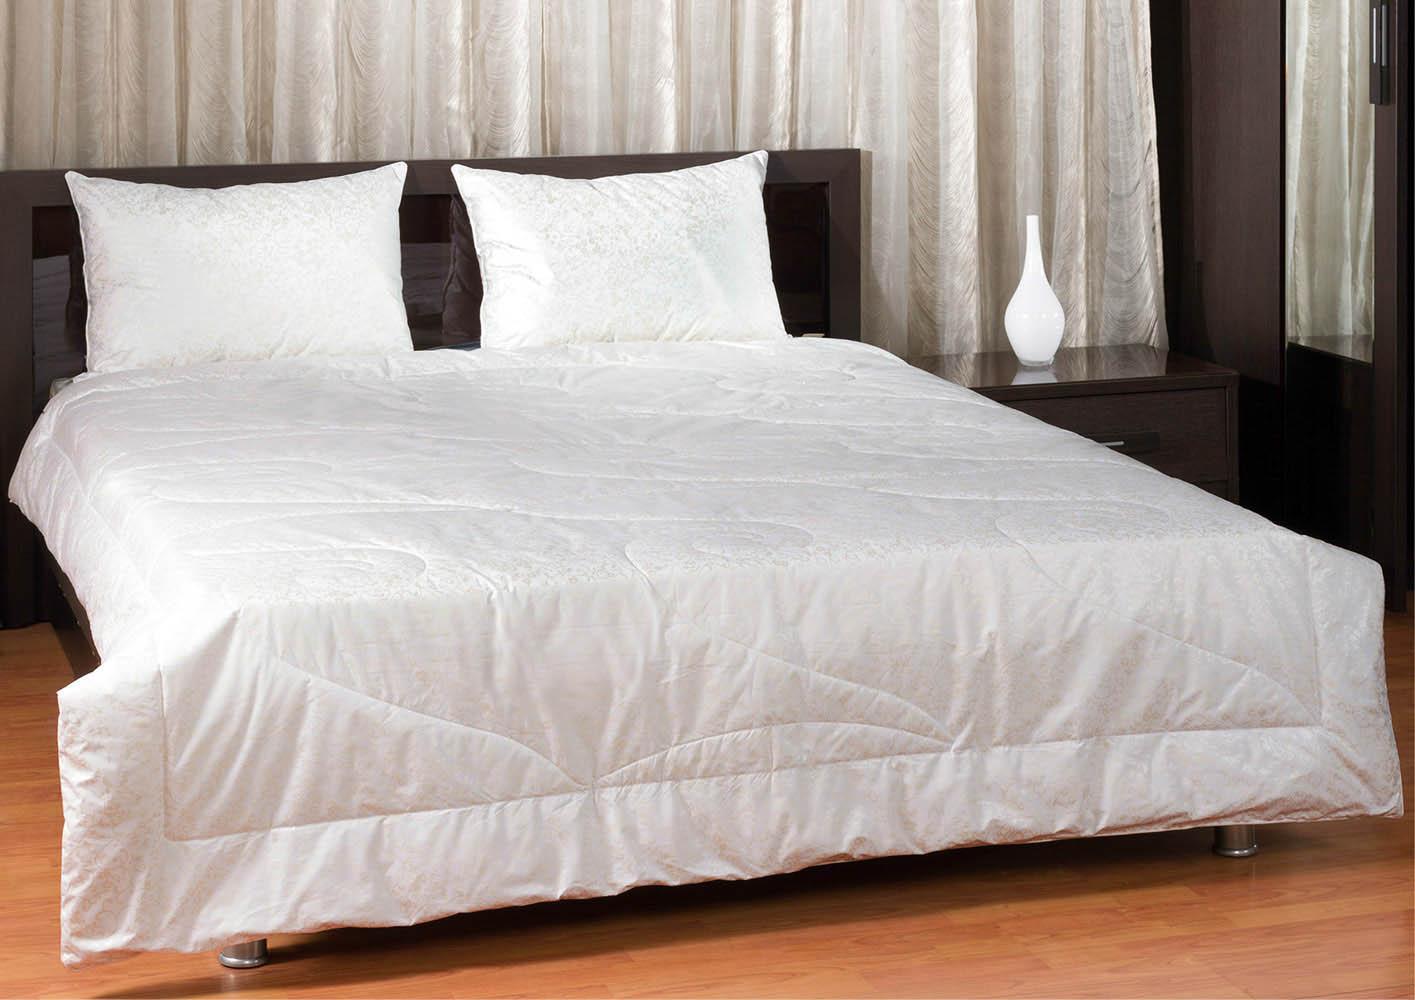 Одеяла Primavelle Одеяло Лебяжий Пух Цвет: Белый (200х220 см) одеяло lara home лебяжий пух всесезонное наполнитель искусственный лебяжий пух цвет белый 200 х 220 см